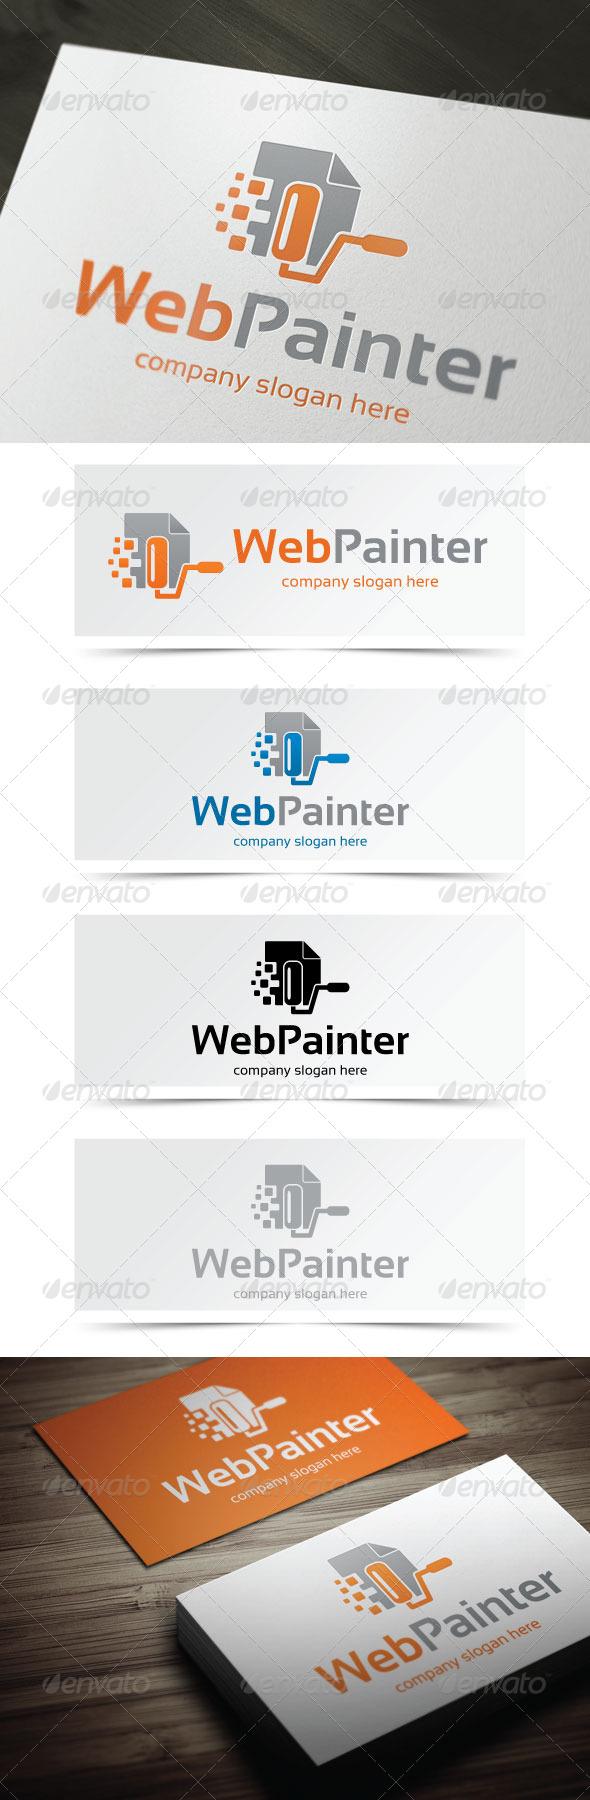 Web Painter